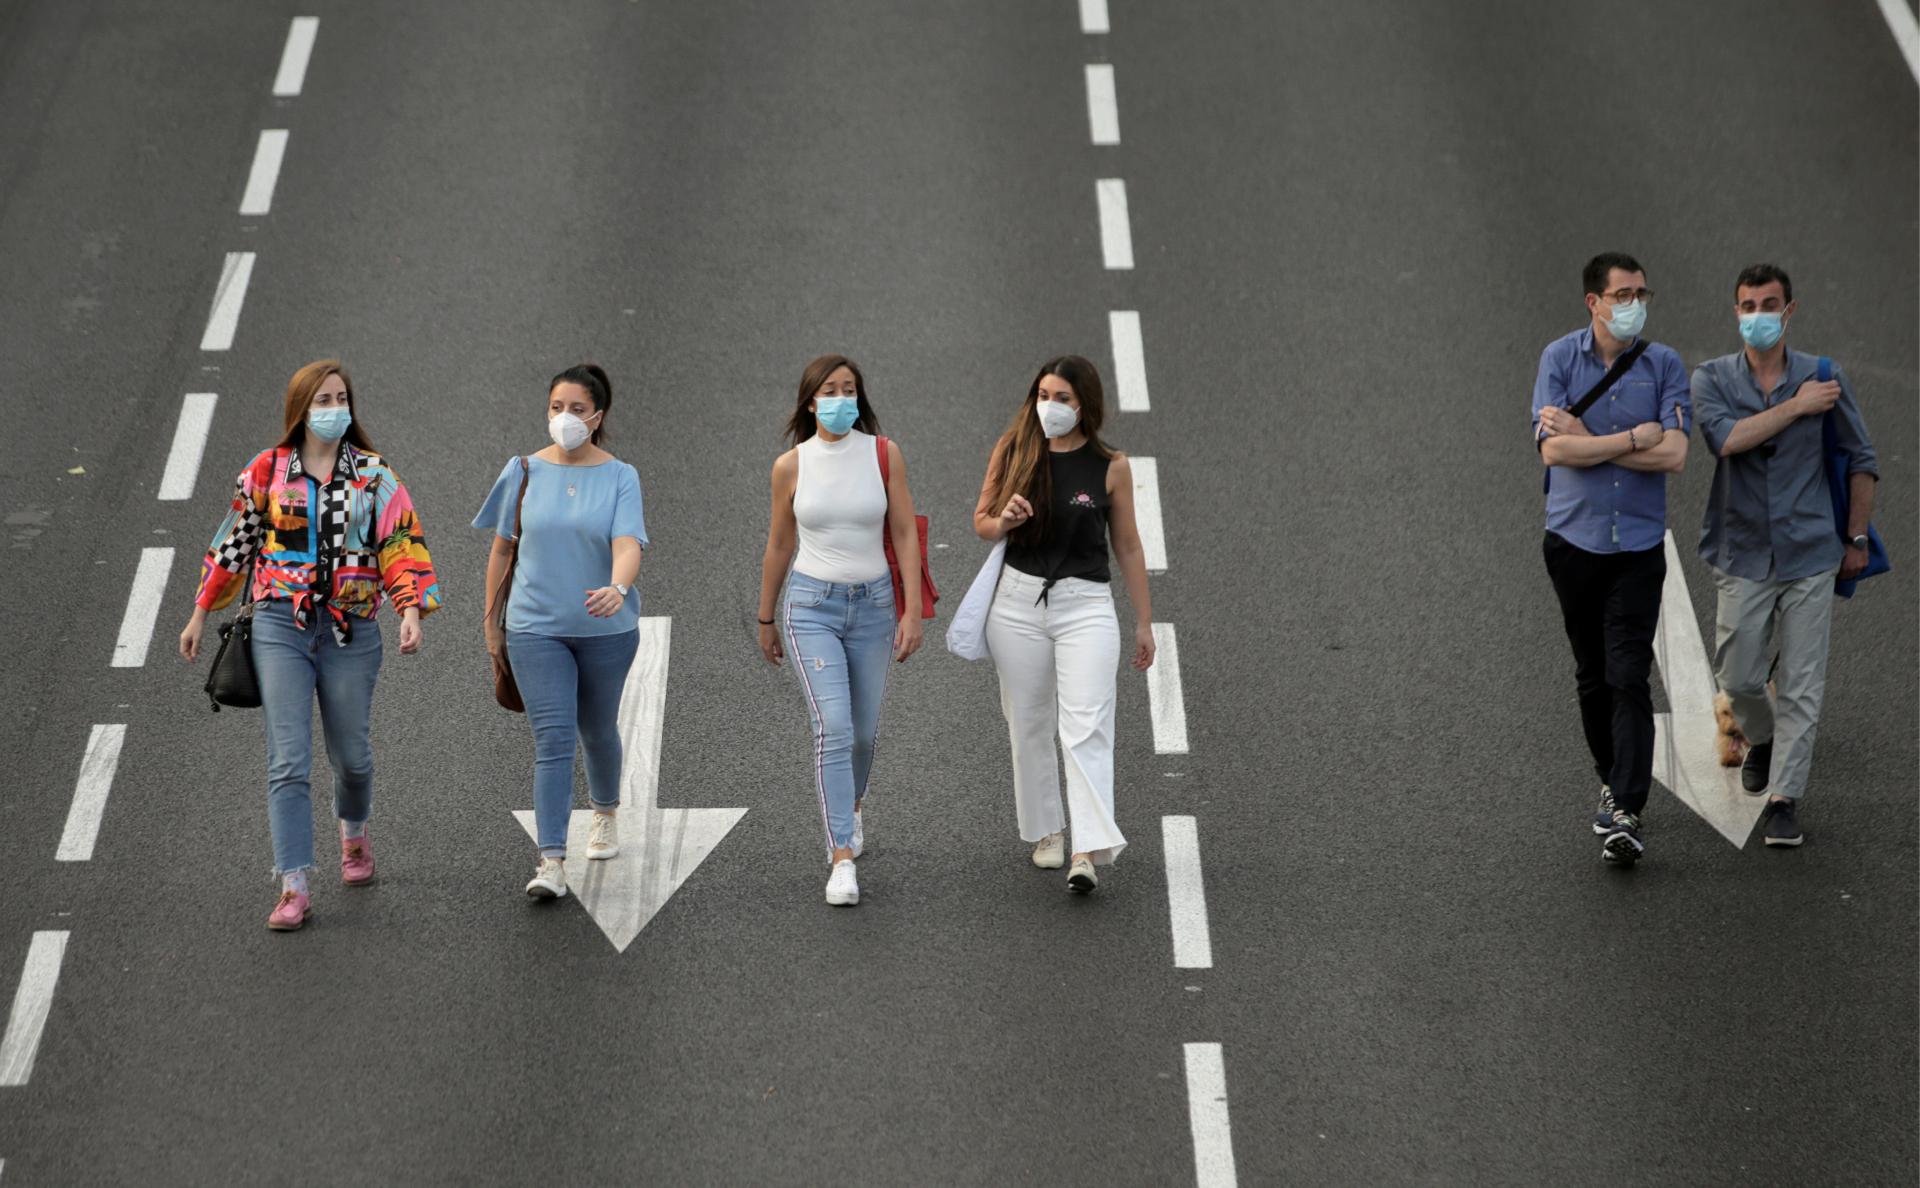 Число заразившихся коронавирусом в мире превысило 6 млн человек